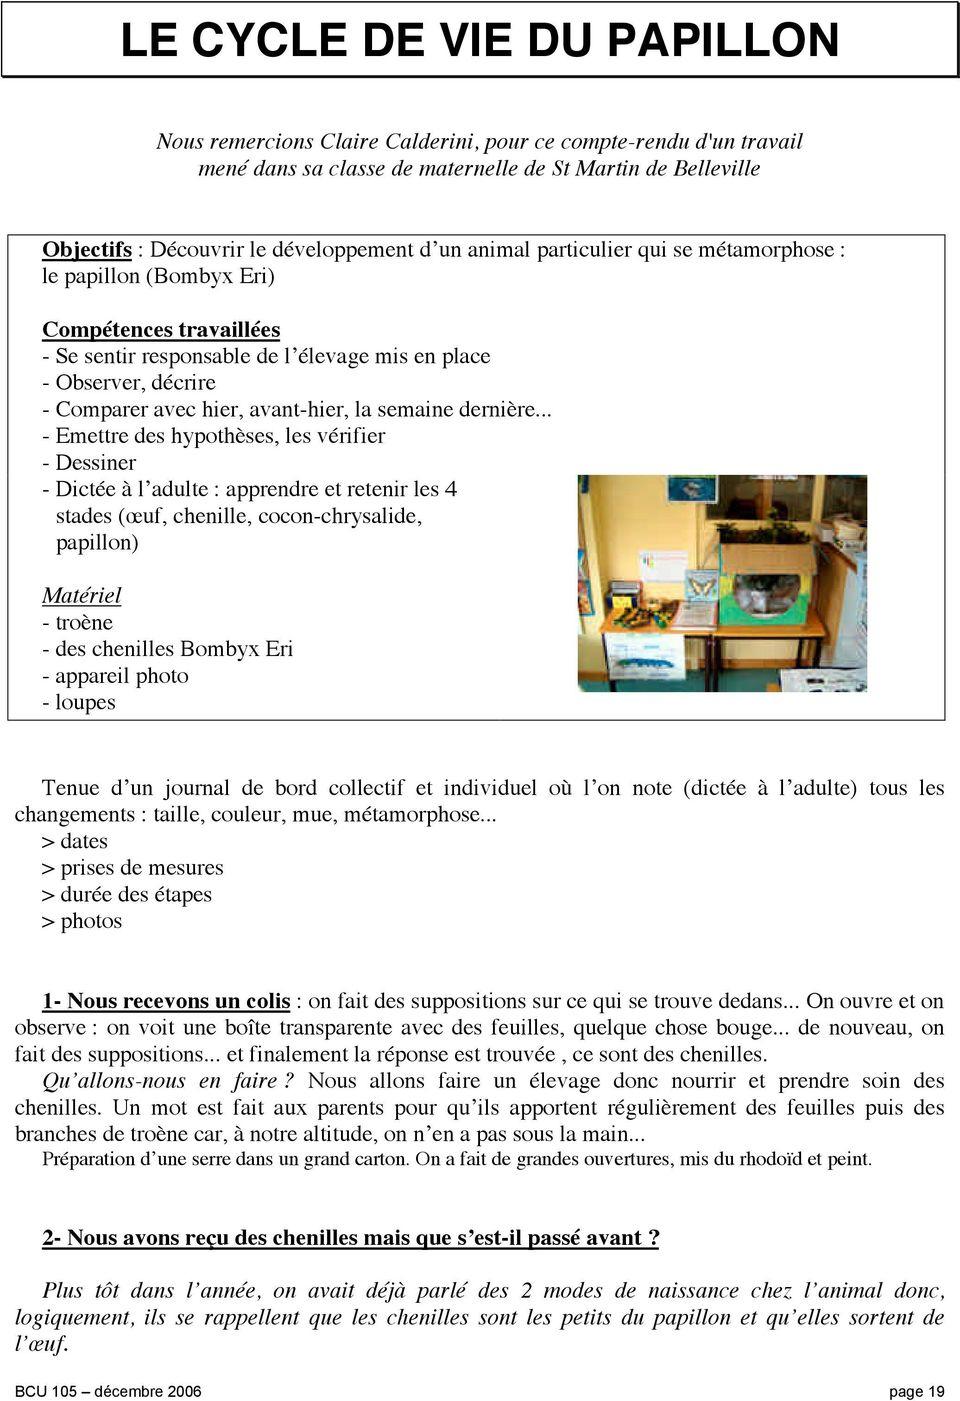 Le Cycle De Vie Du Papillon - Pdf Free Download intérieur Cycle De Vie D Une Chenille